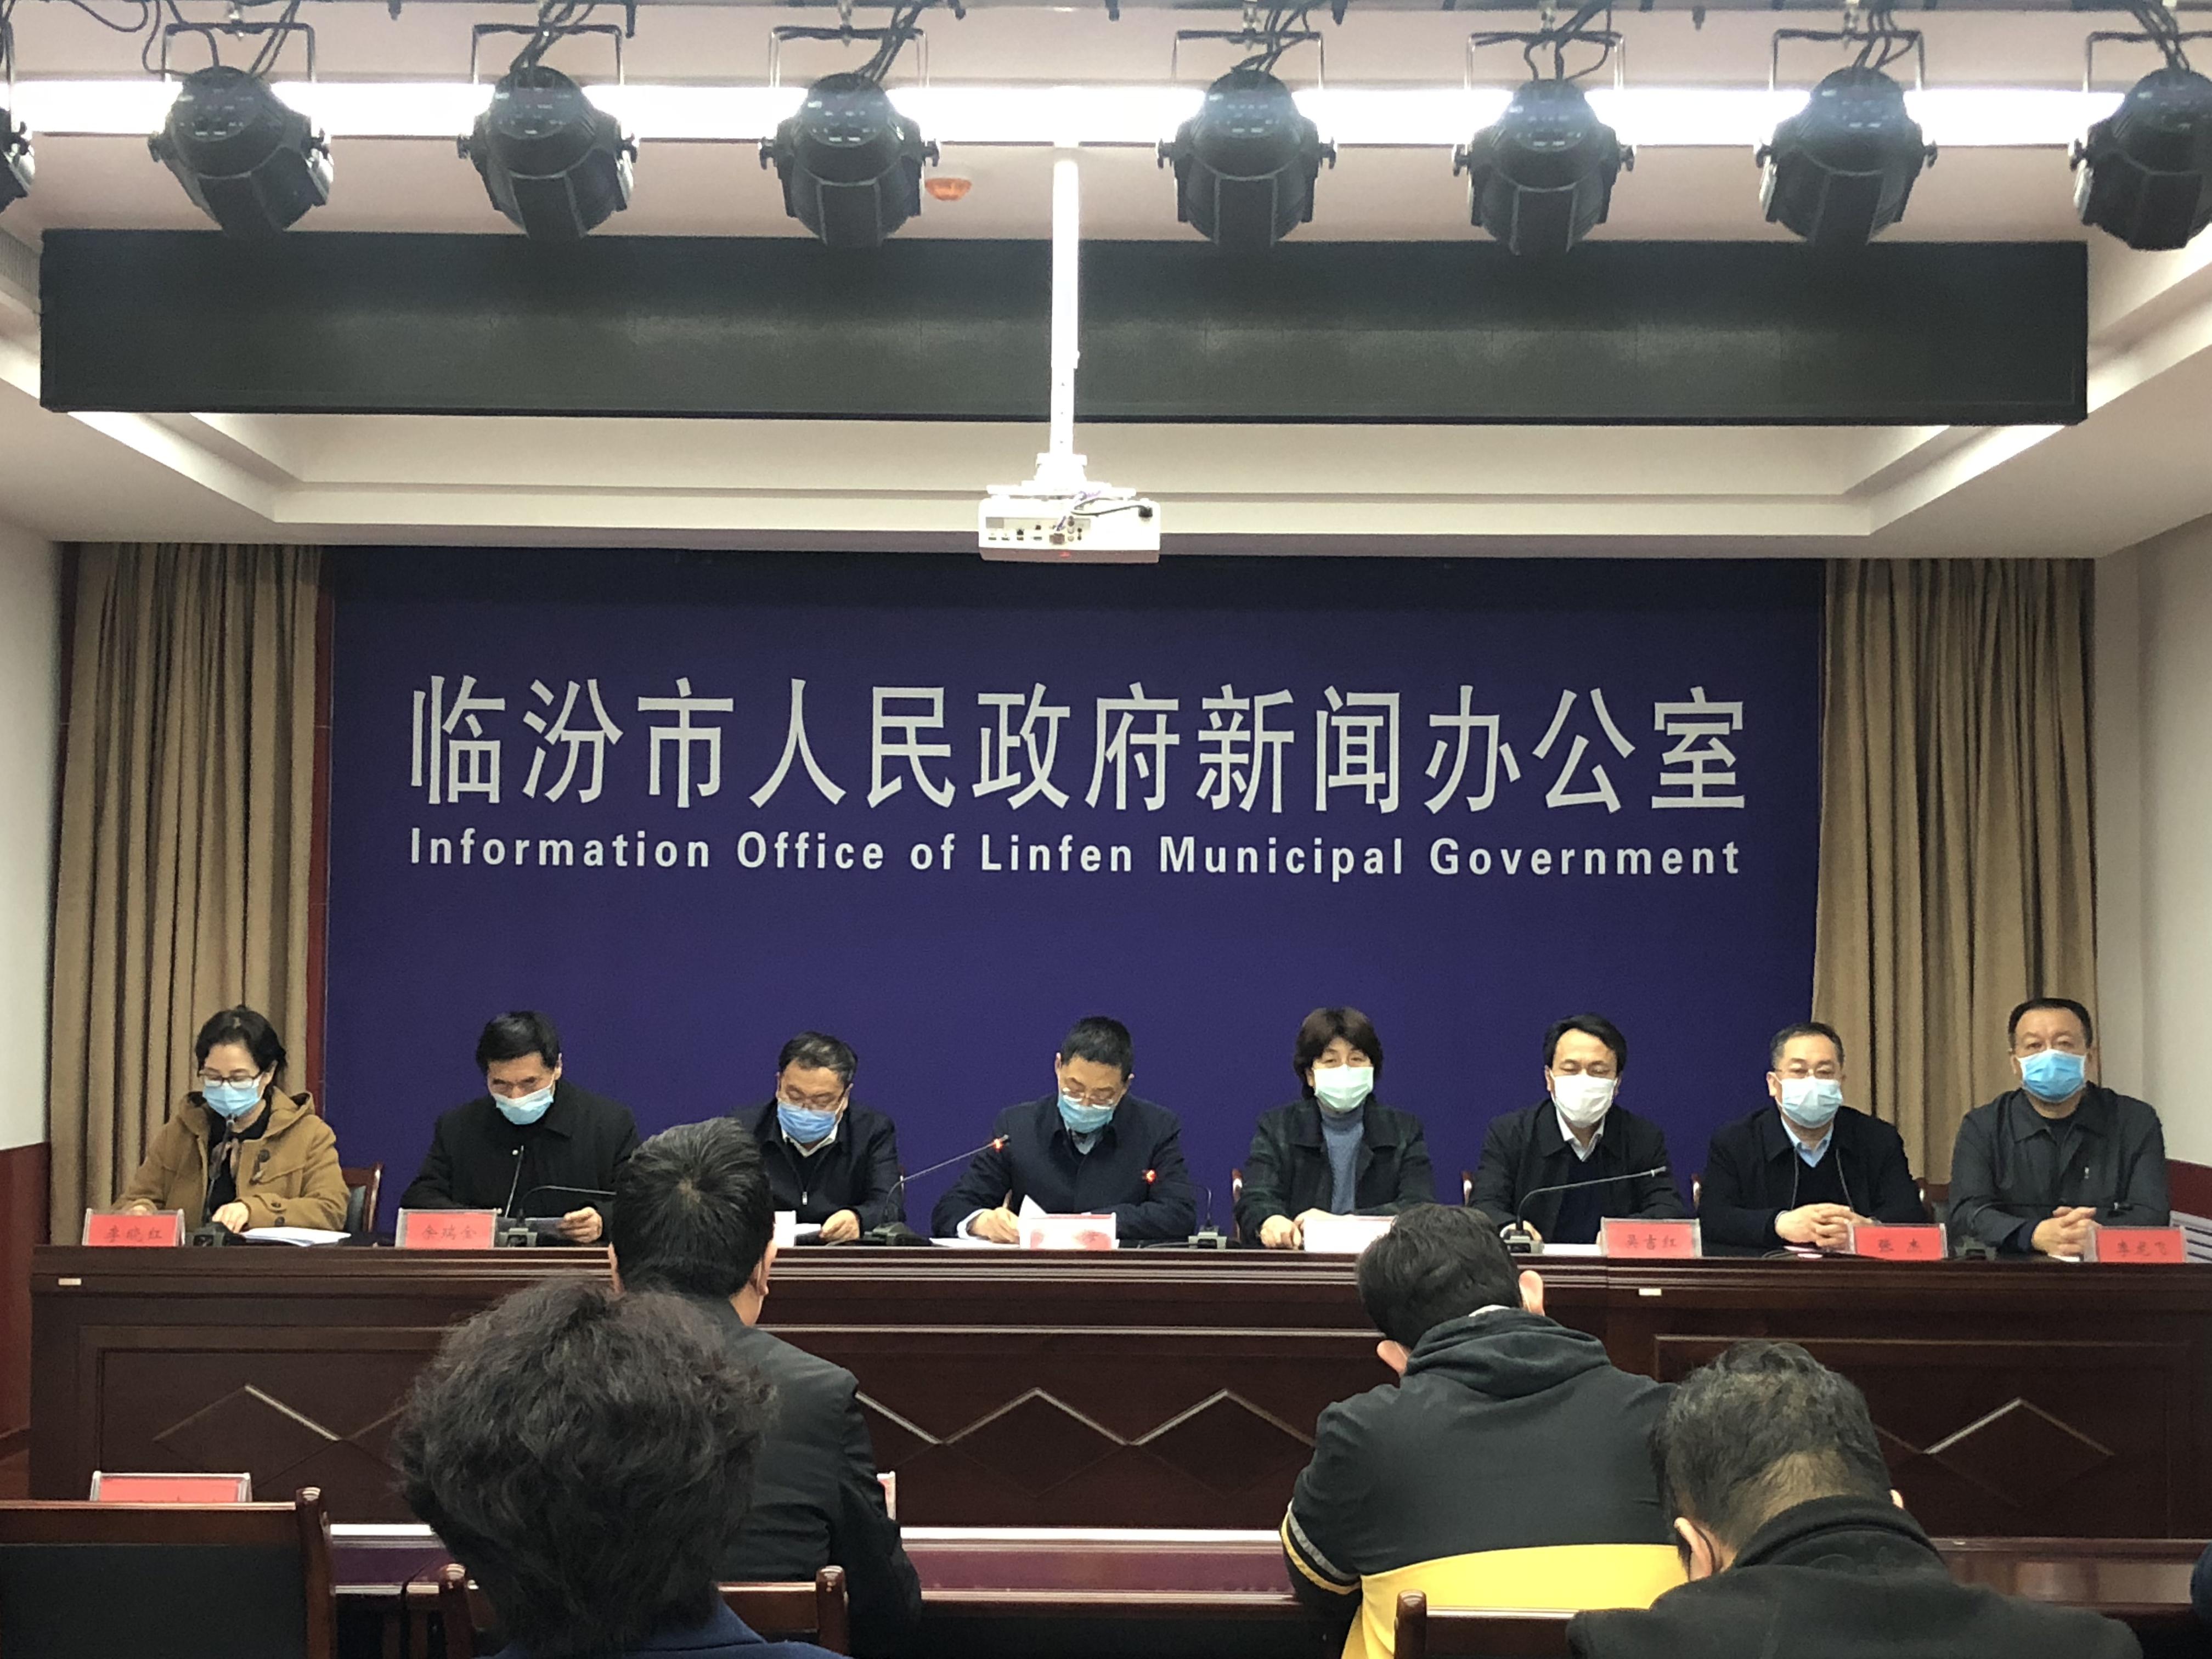 山西华翔集团参加临汾市人民政府新闻发布会